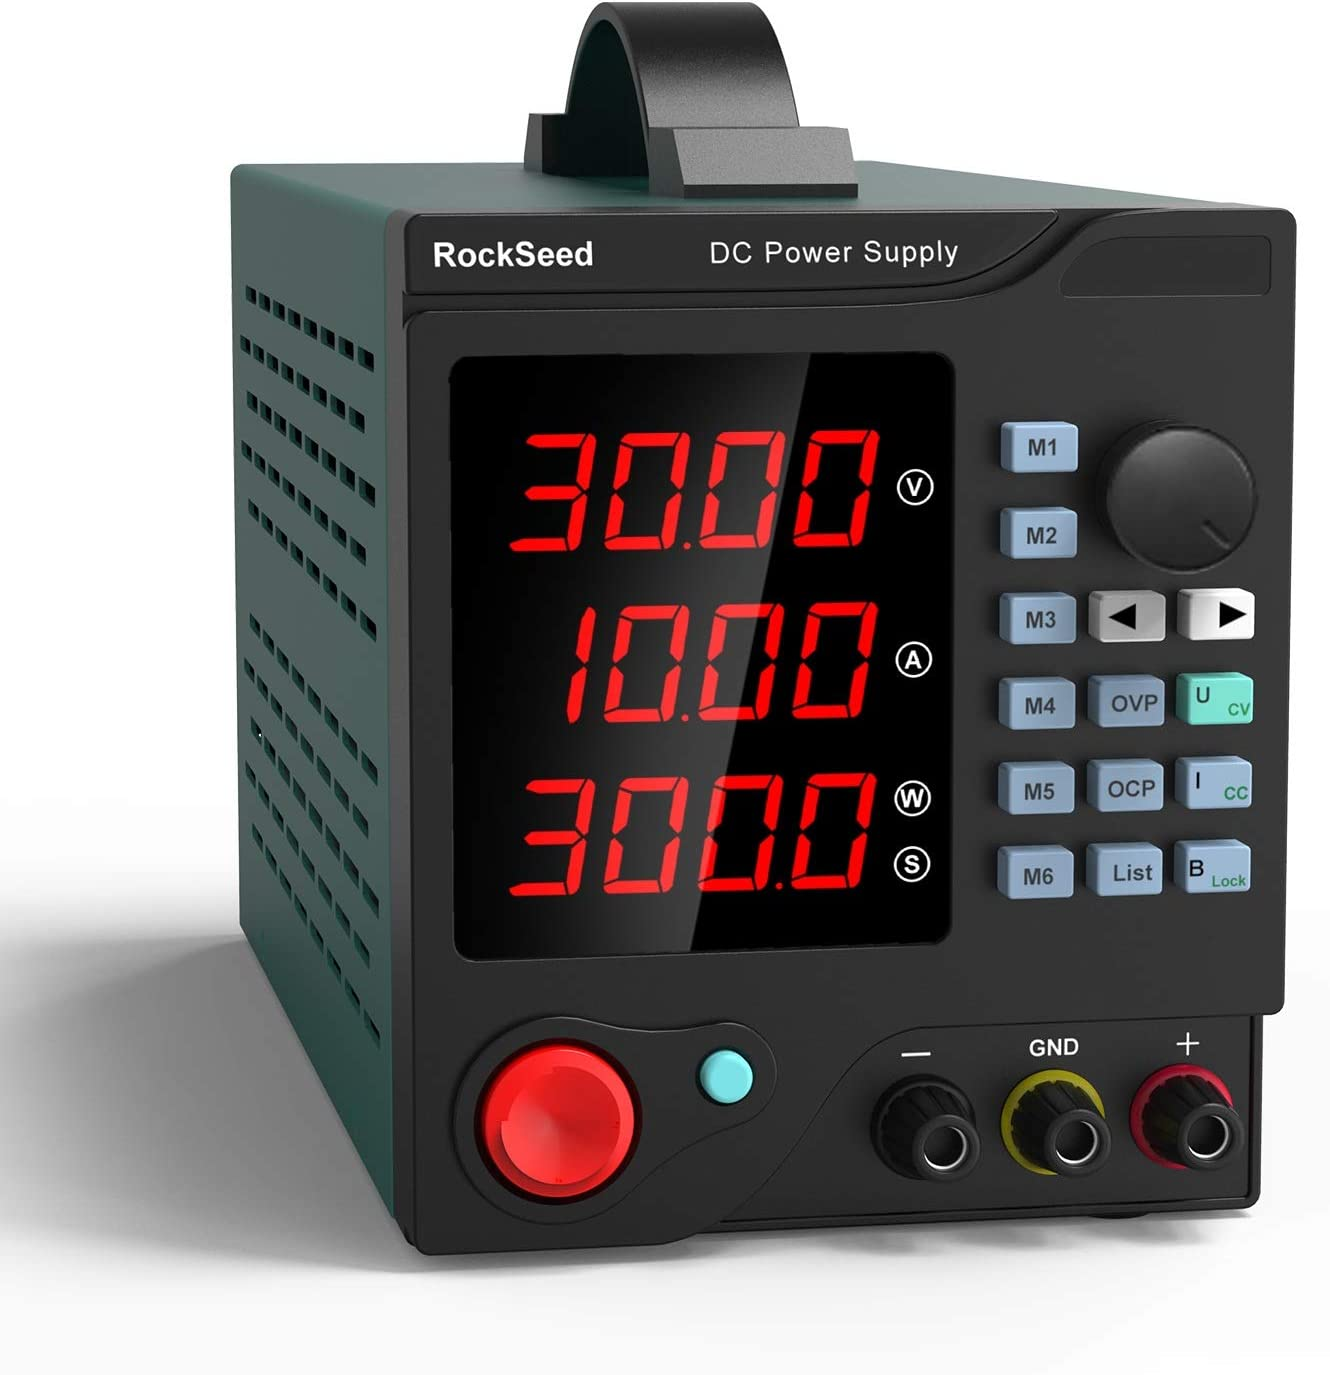 RockSeed RS305P Fuentes de Alimentacion Regulables de Conmutación Ajustable 30V / 5A Variable con Pantalla LED de 4 dígitos/6 Sets de Almacenamiento con software para PC e interfaz USB